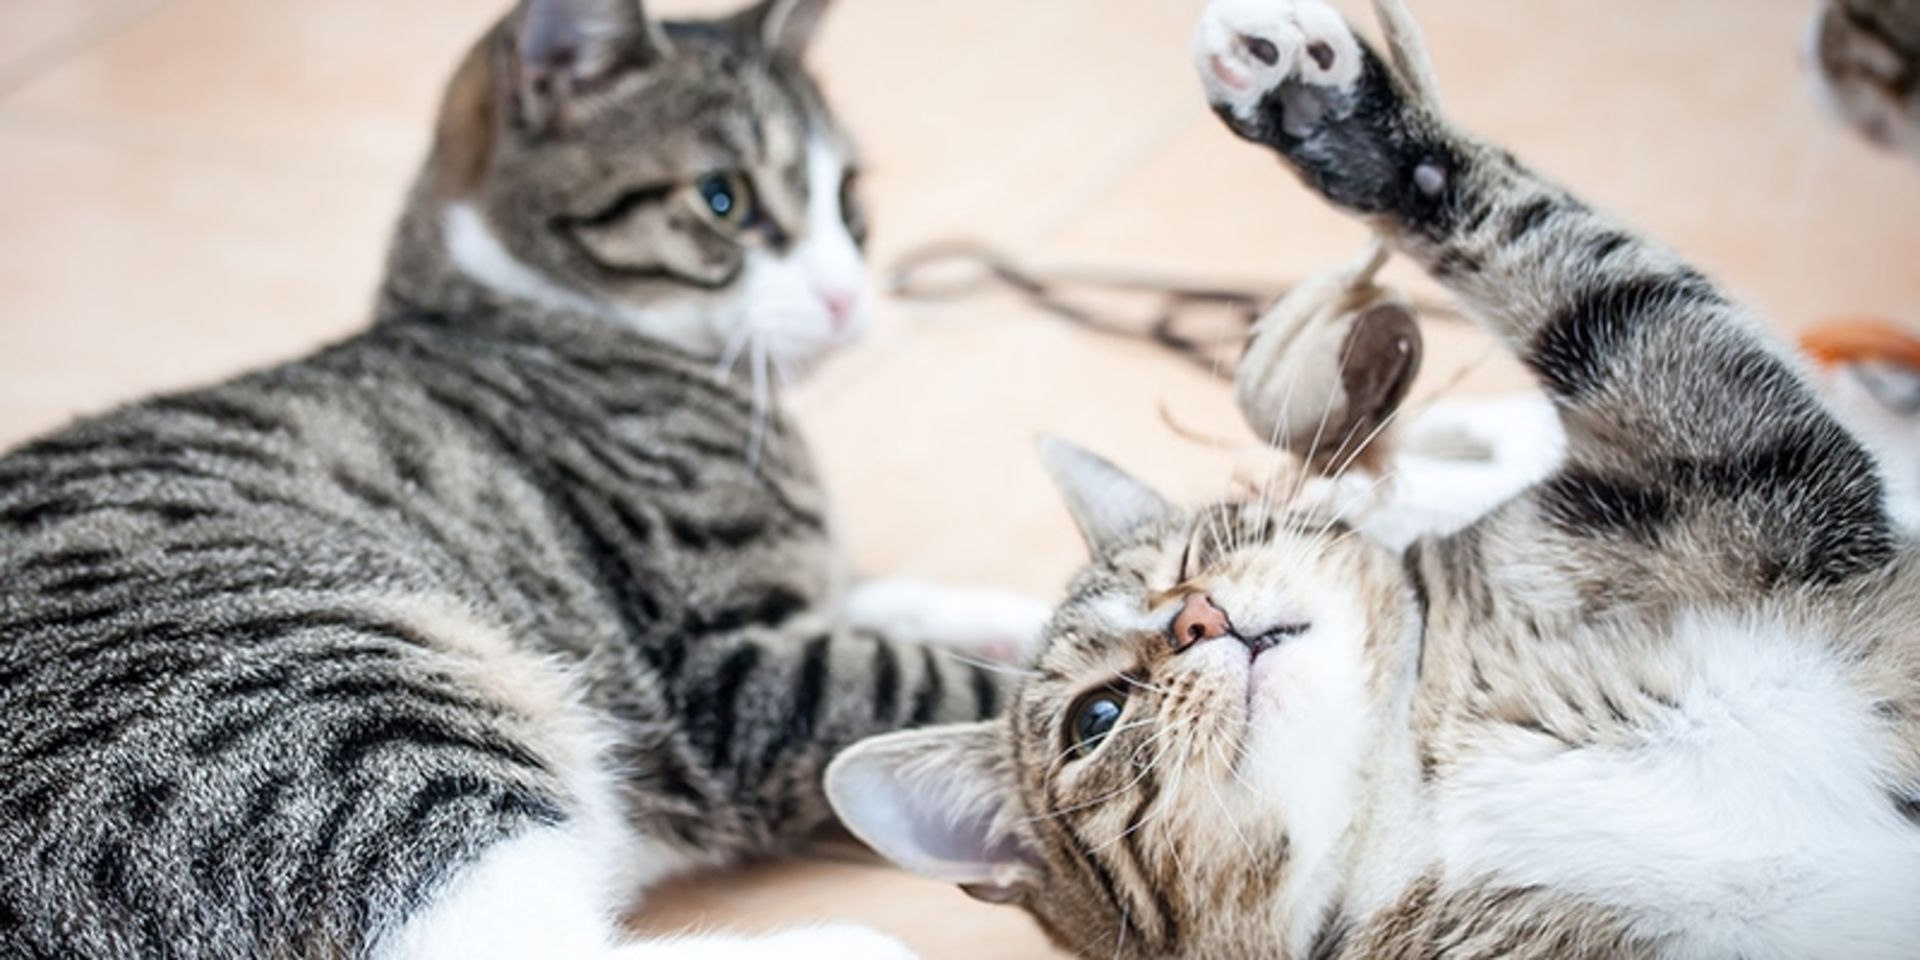 postura gato loco sin cabeza